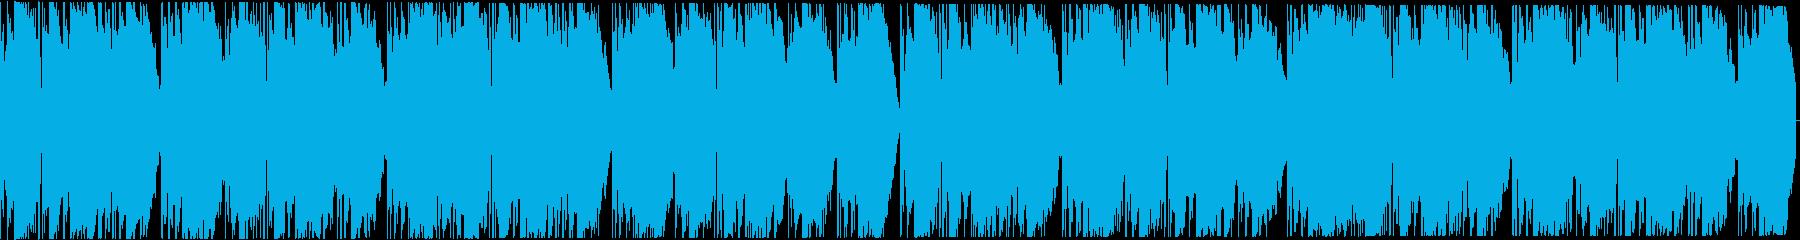 ダークなトラップビート16小節の再生済みの波形